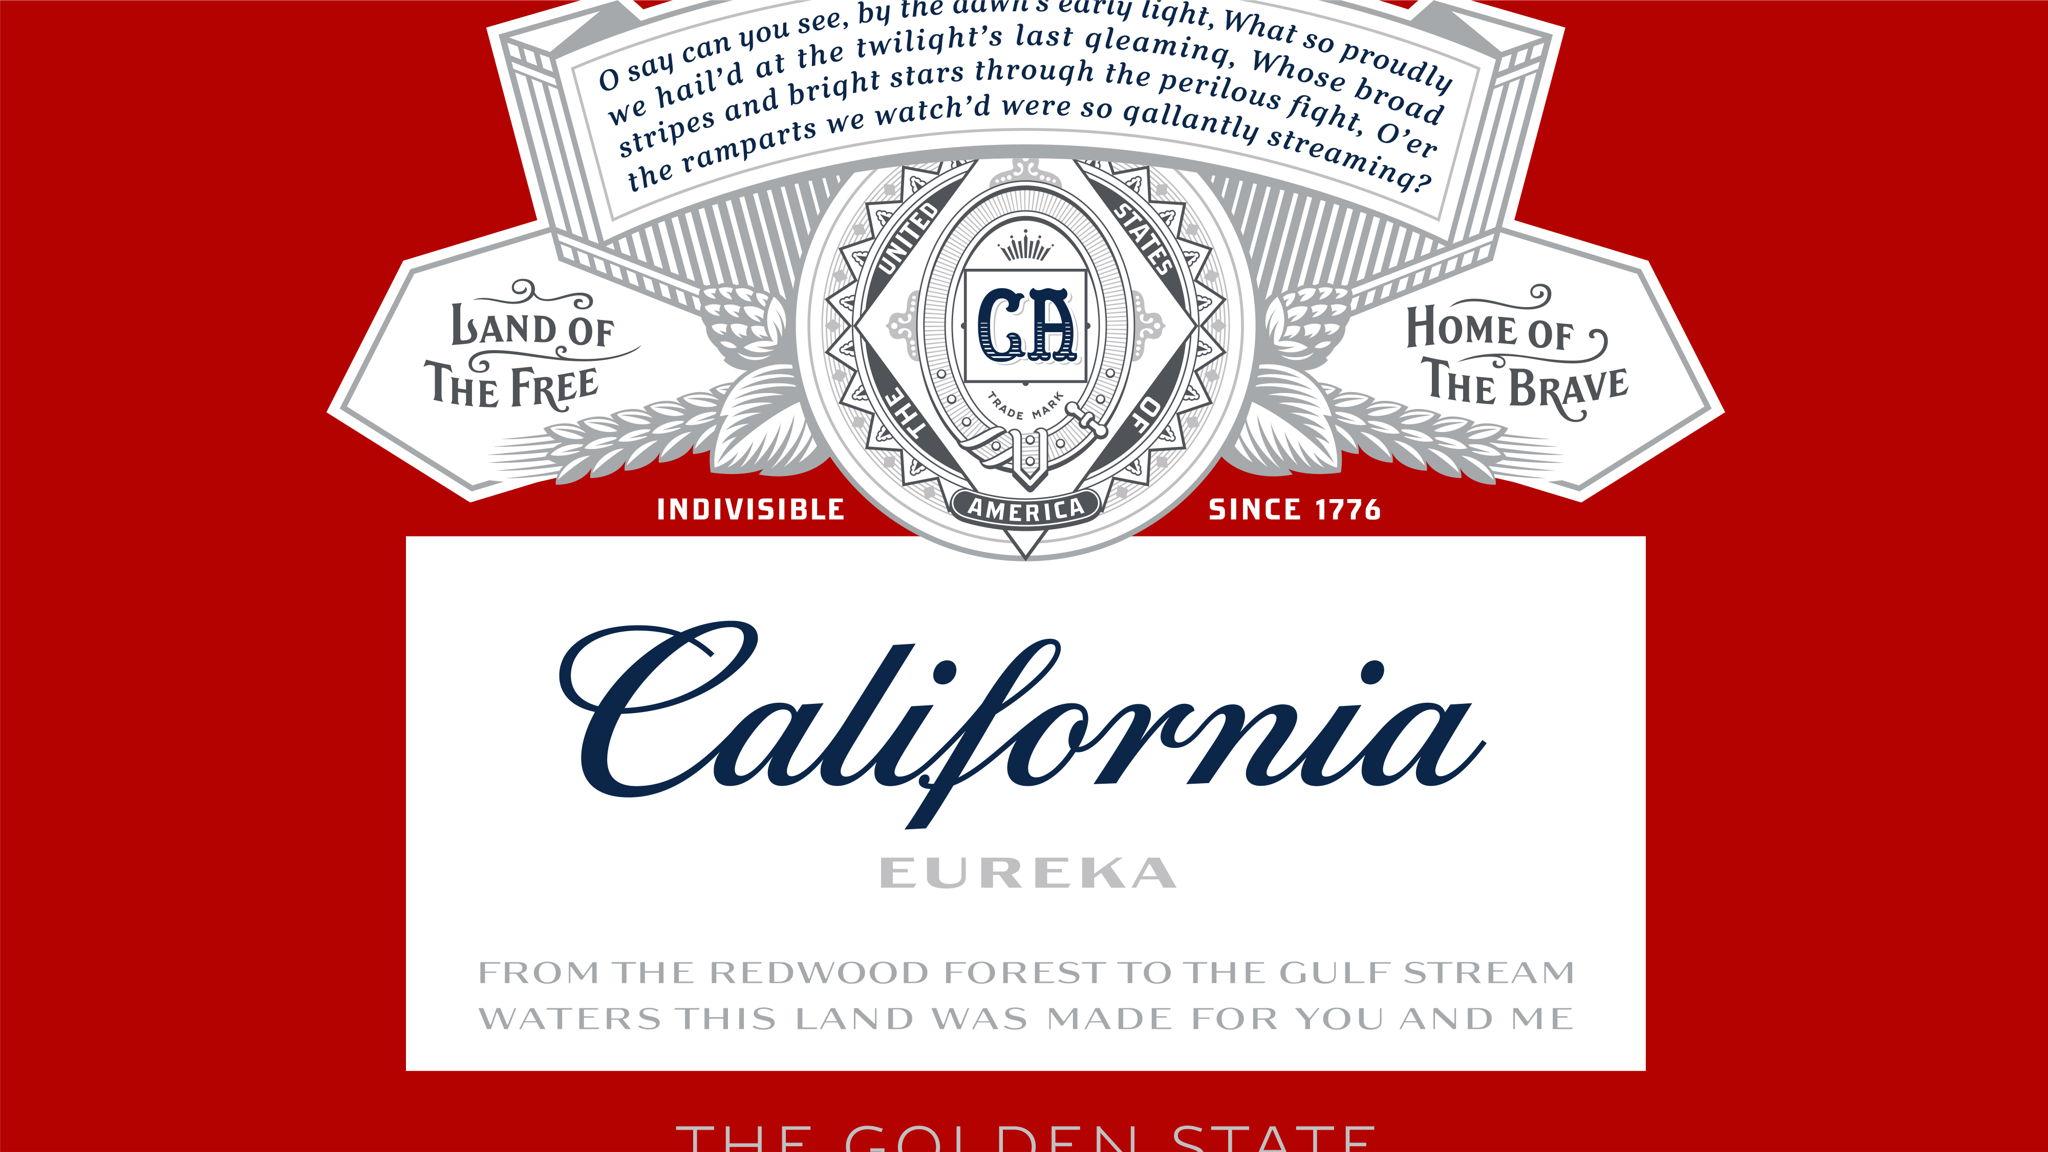 Bud_America_States_PR_Flats_CA_Flat.jpg